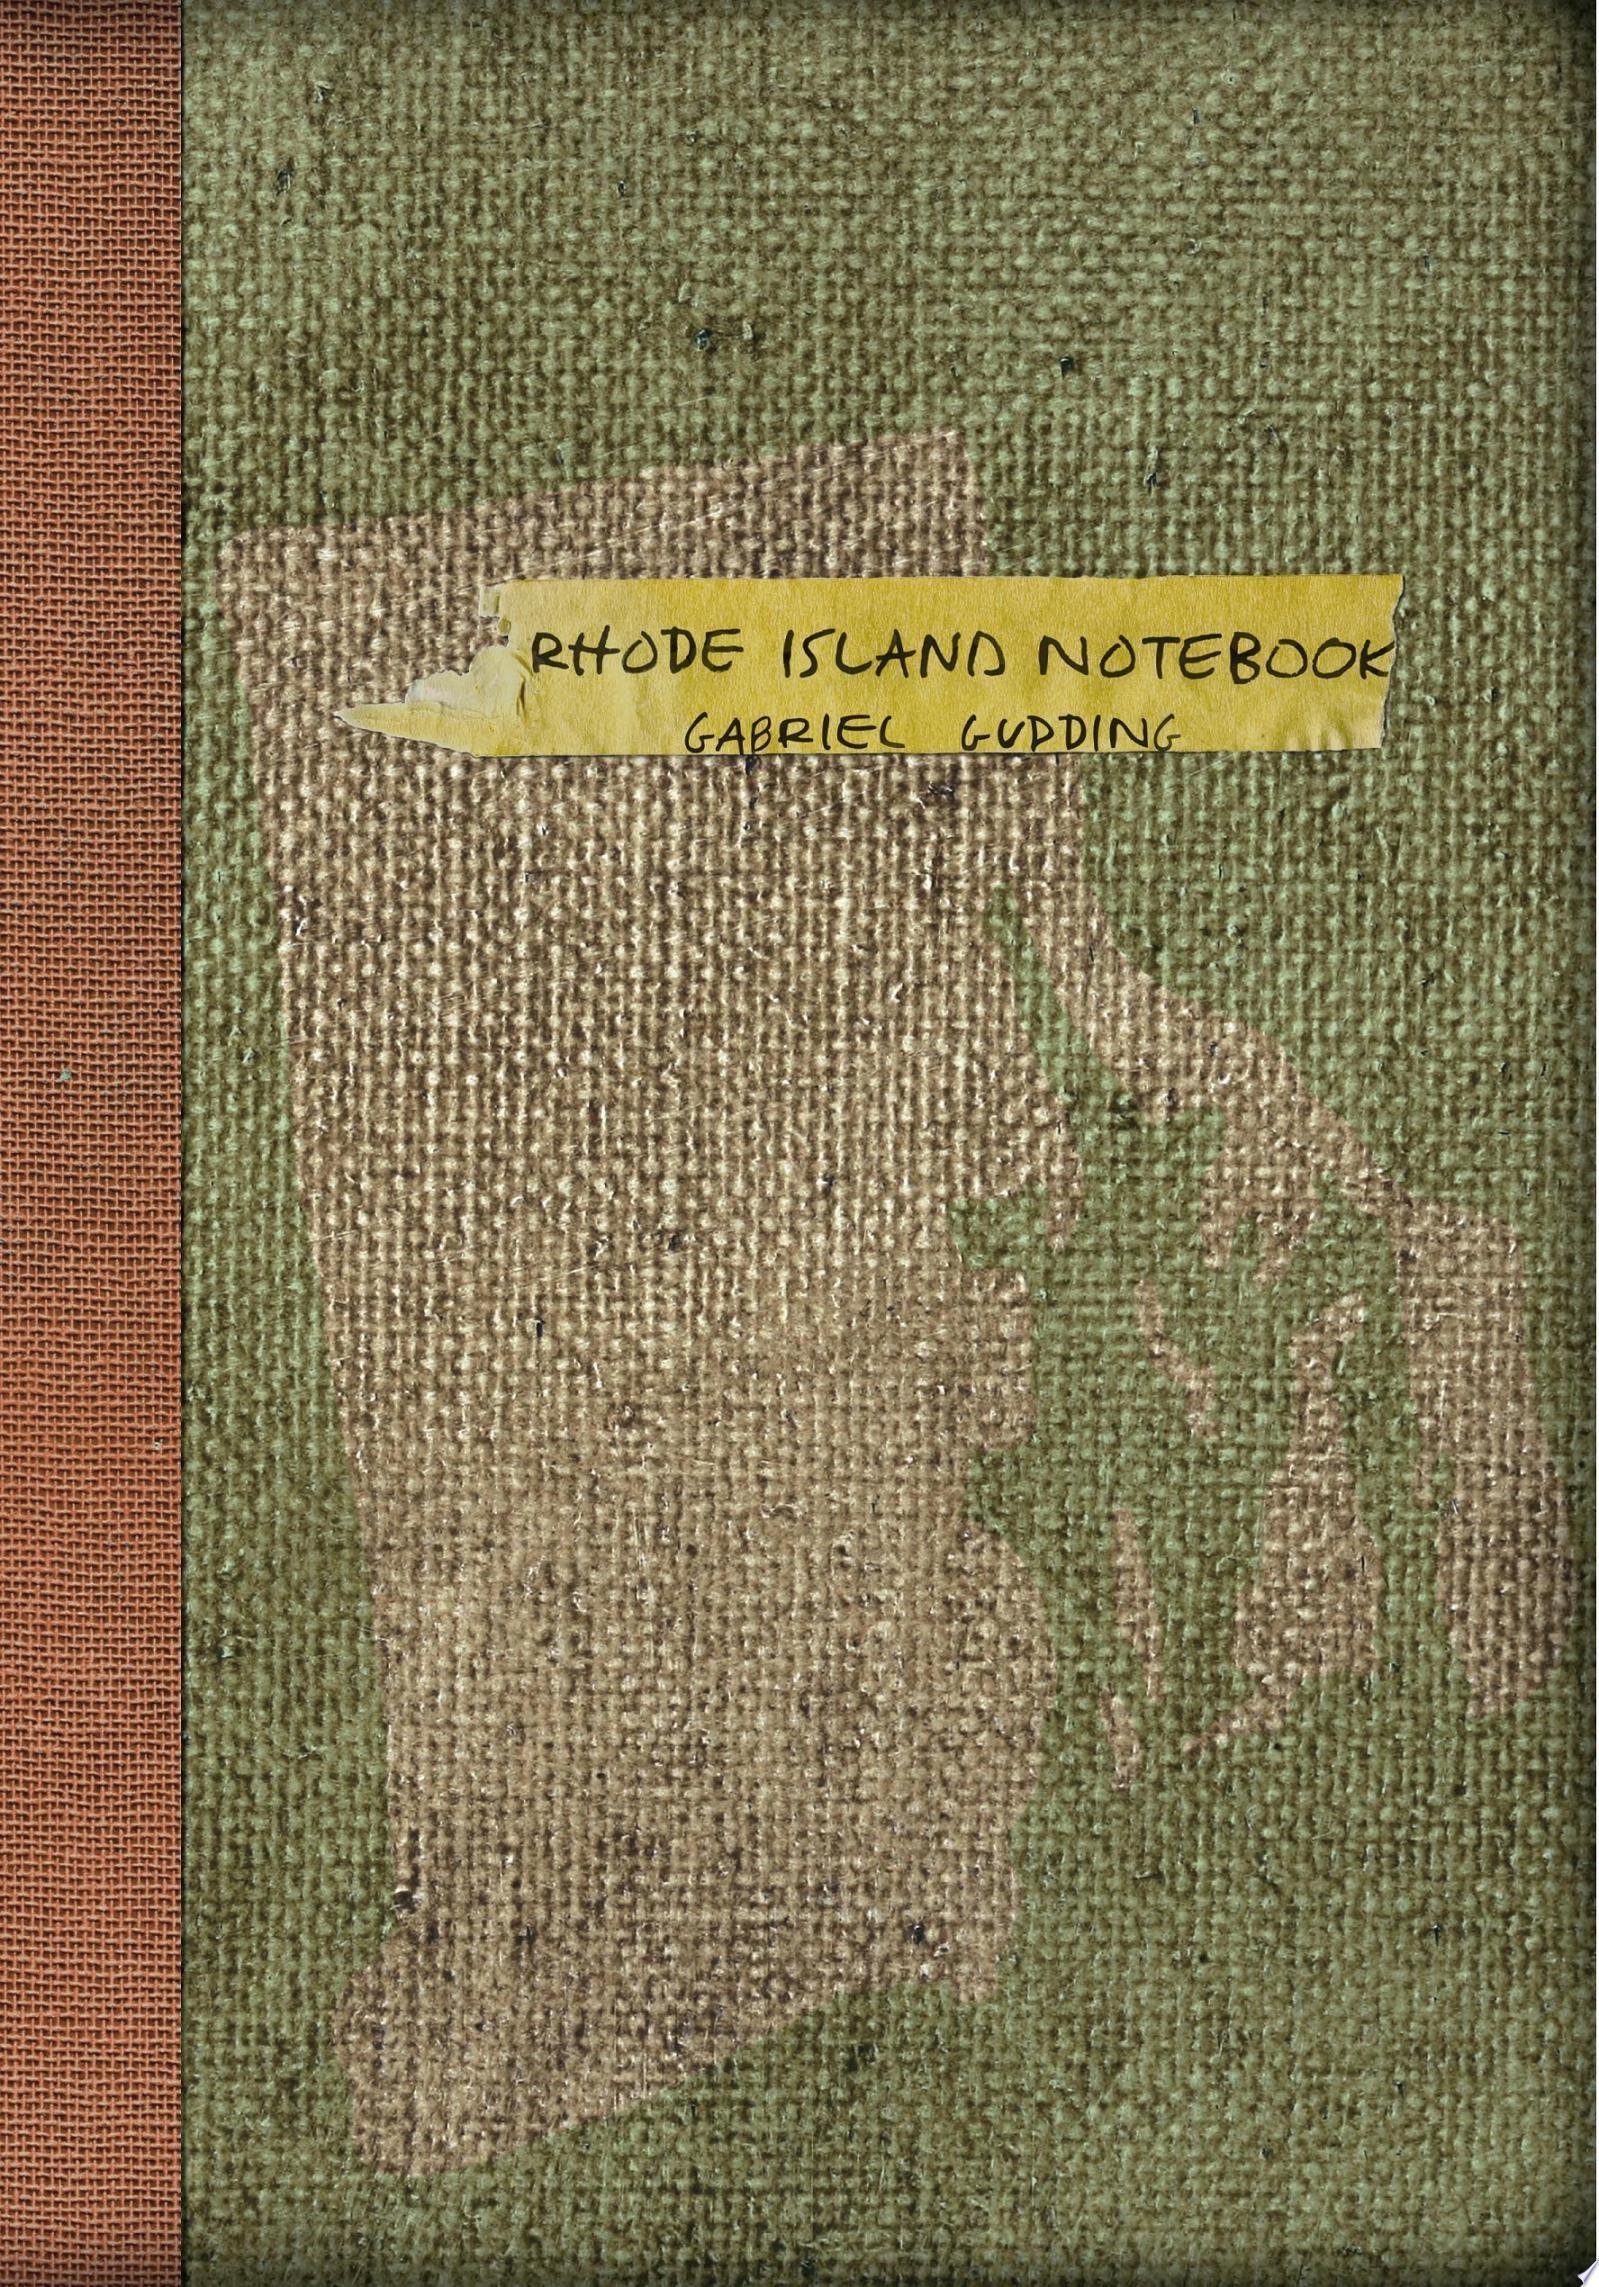 Rhode Island Notebook